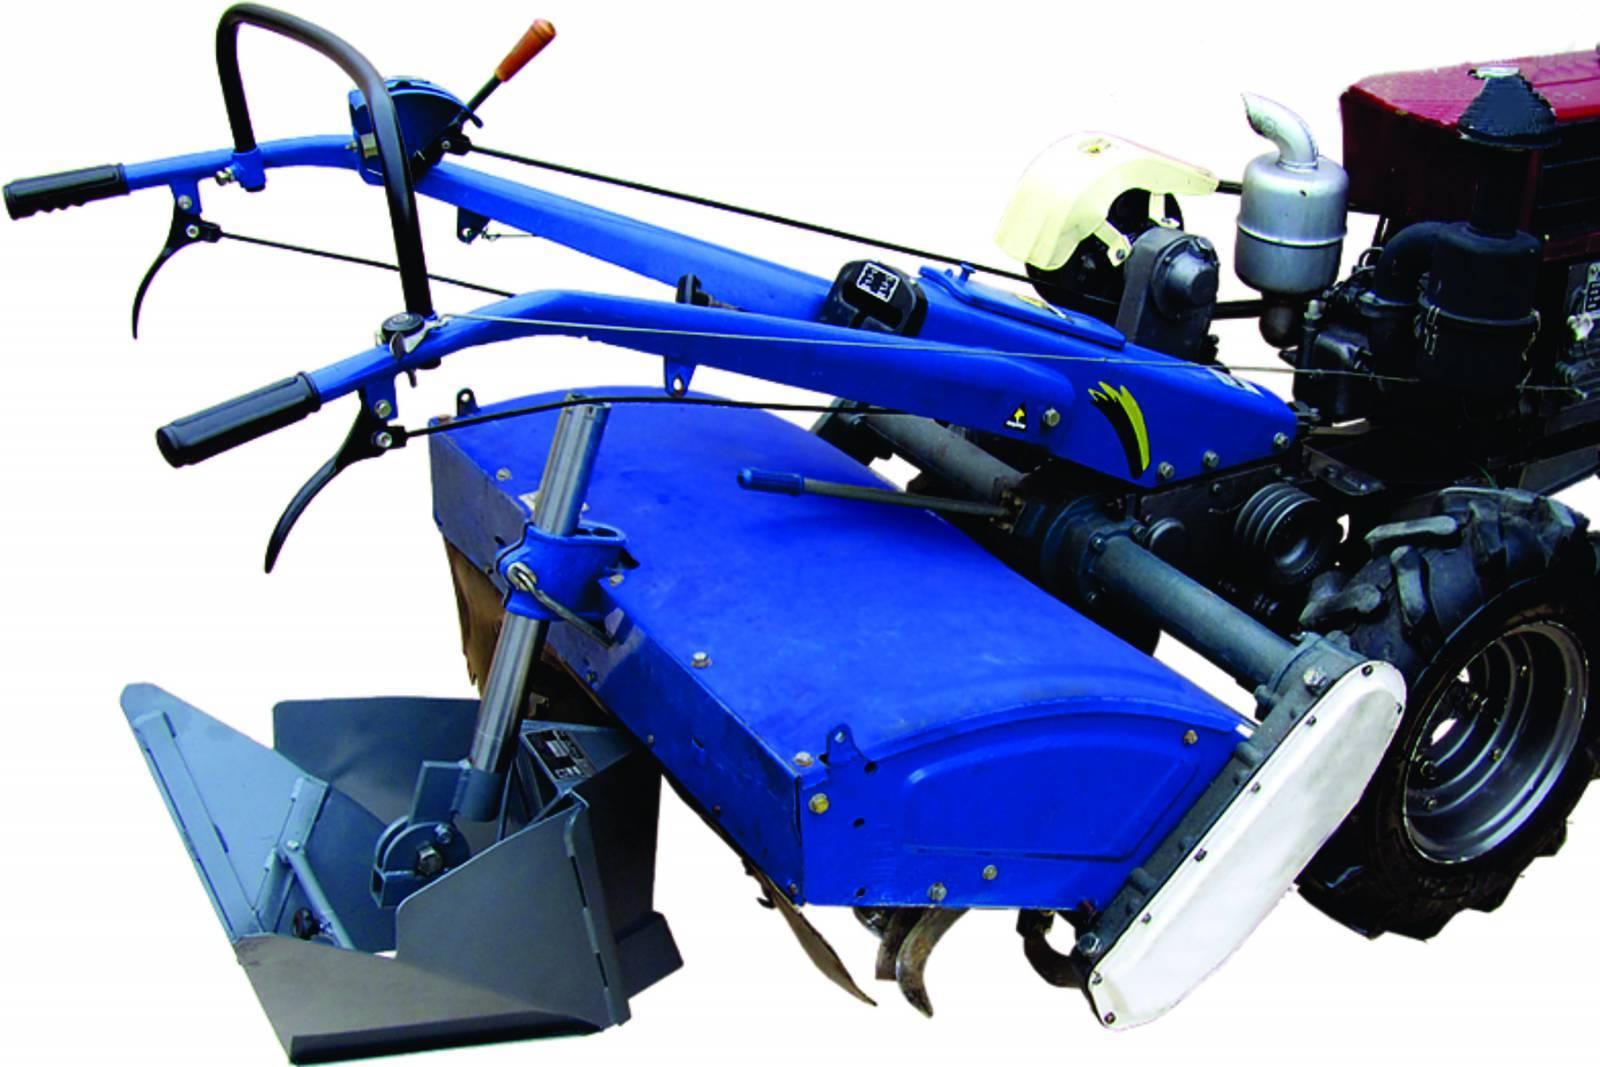 Sulcador para Micro Tratores Diesel de 12 a 18cv, em OFERTA! - Hs Floresta e Jardim